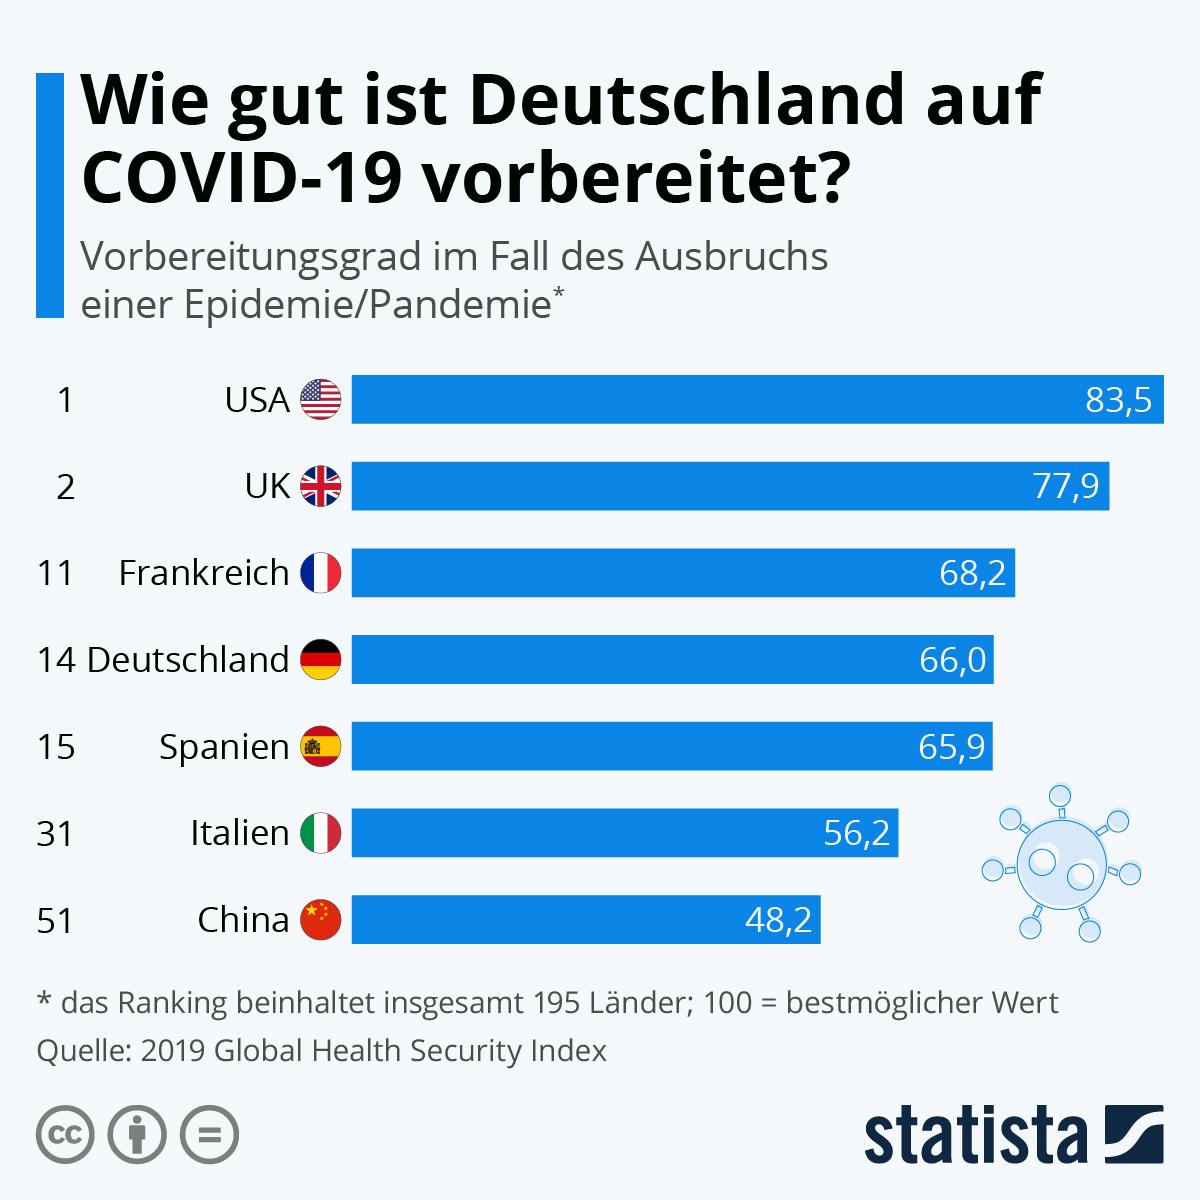 Wie gut ist Deutschland auf Covid-19 vorbereitet? | Statista